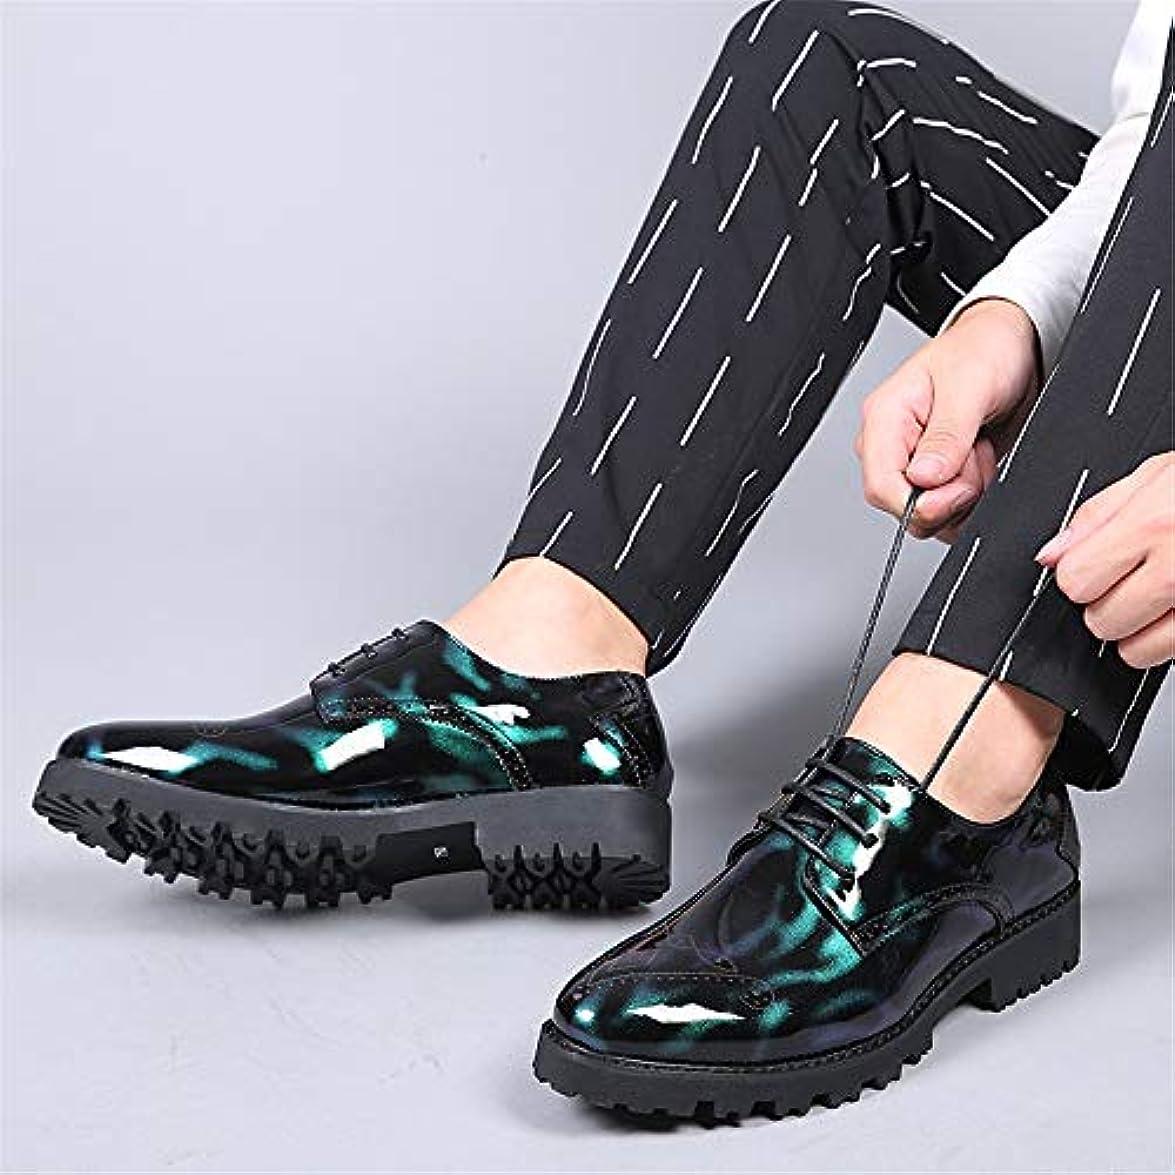 Oxford Business Formali Brogue Trend Gby Uomo Low-top In Colore Fashion Da Personality Nera Vernice Casual Nere Scarpe